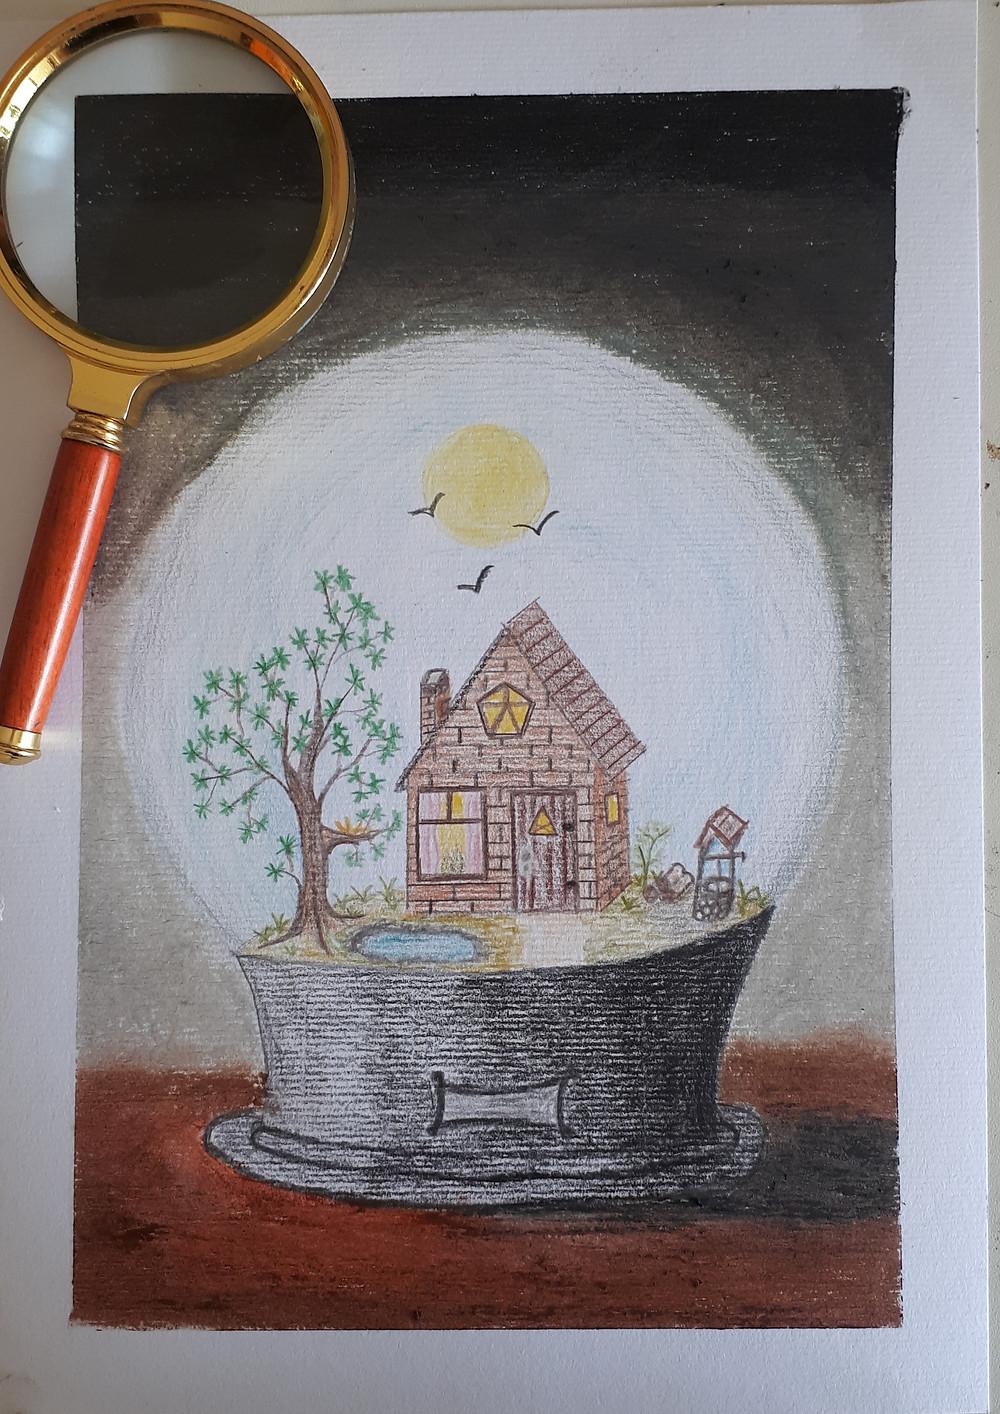 Desenho feito em uma folha A4 com fundo nebuloso com cores escuras, feito com giz pastel seco. Ao centro, feito com lápis de cor, um globo de cristal com base escura e dentro uma casa rustica de alvenaria, com chaminé, porta e janelas. Através da janela da frente vê-se a luz acesa. No jardim, à esquerda vê-se uma árvore com um ninho de passarinho, ao lado um pequeno lago e um caminho que sai da porta em direção à parede do globo de cristal,  à direita da casa vê-se um poço de pedra com um telhado rústico. O céu é azul, com o sol ao centro e três gaivotas voando. Na foto, acima do desenho, no canto superior esquerdo, há a lupa da autora.